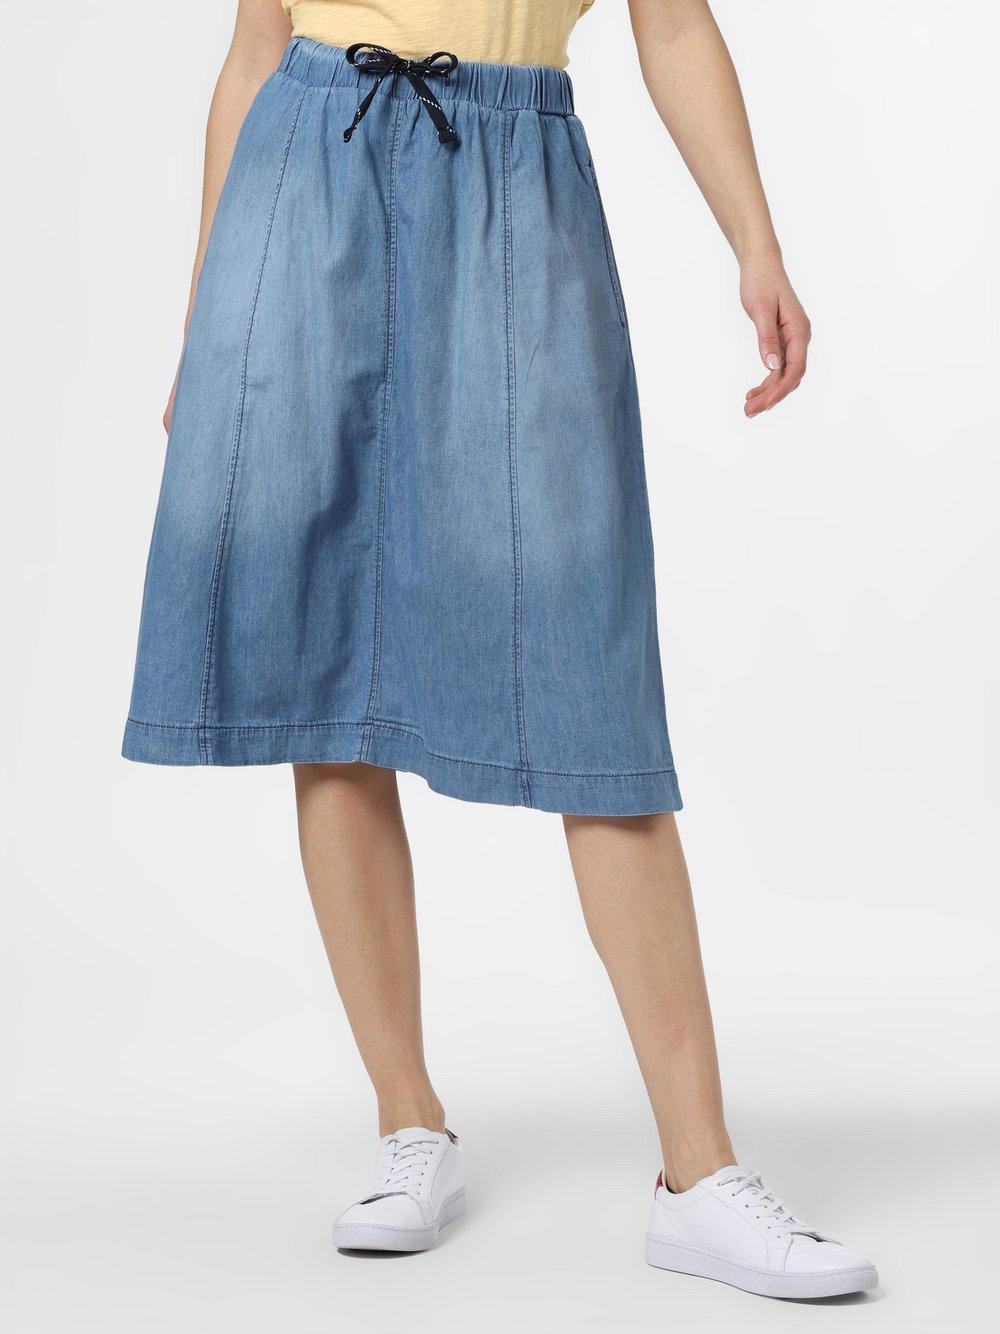 Cartoon UPgreat! – Jeansowa spódnica damska, niebieski Van Graaf 487176-0001